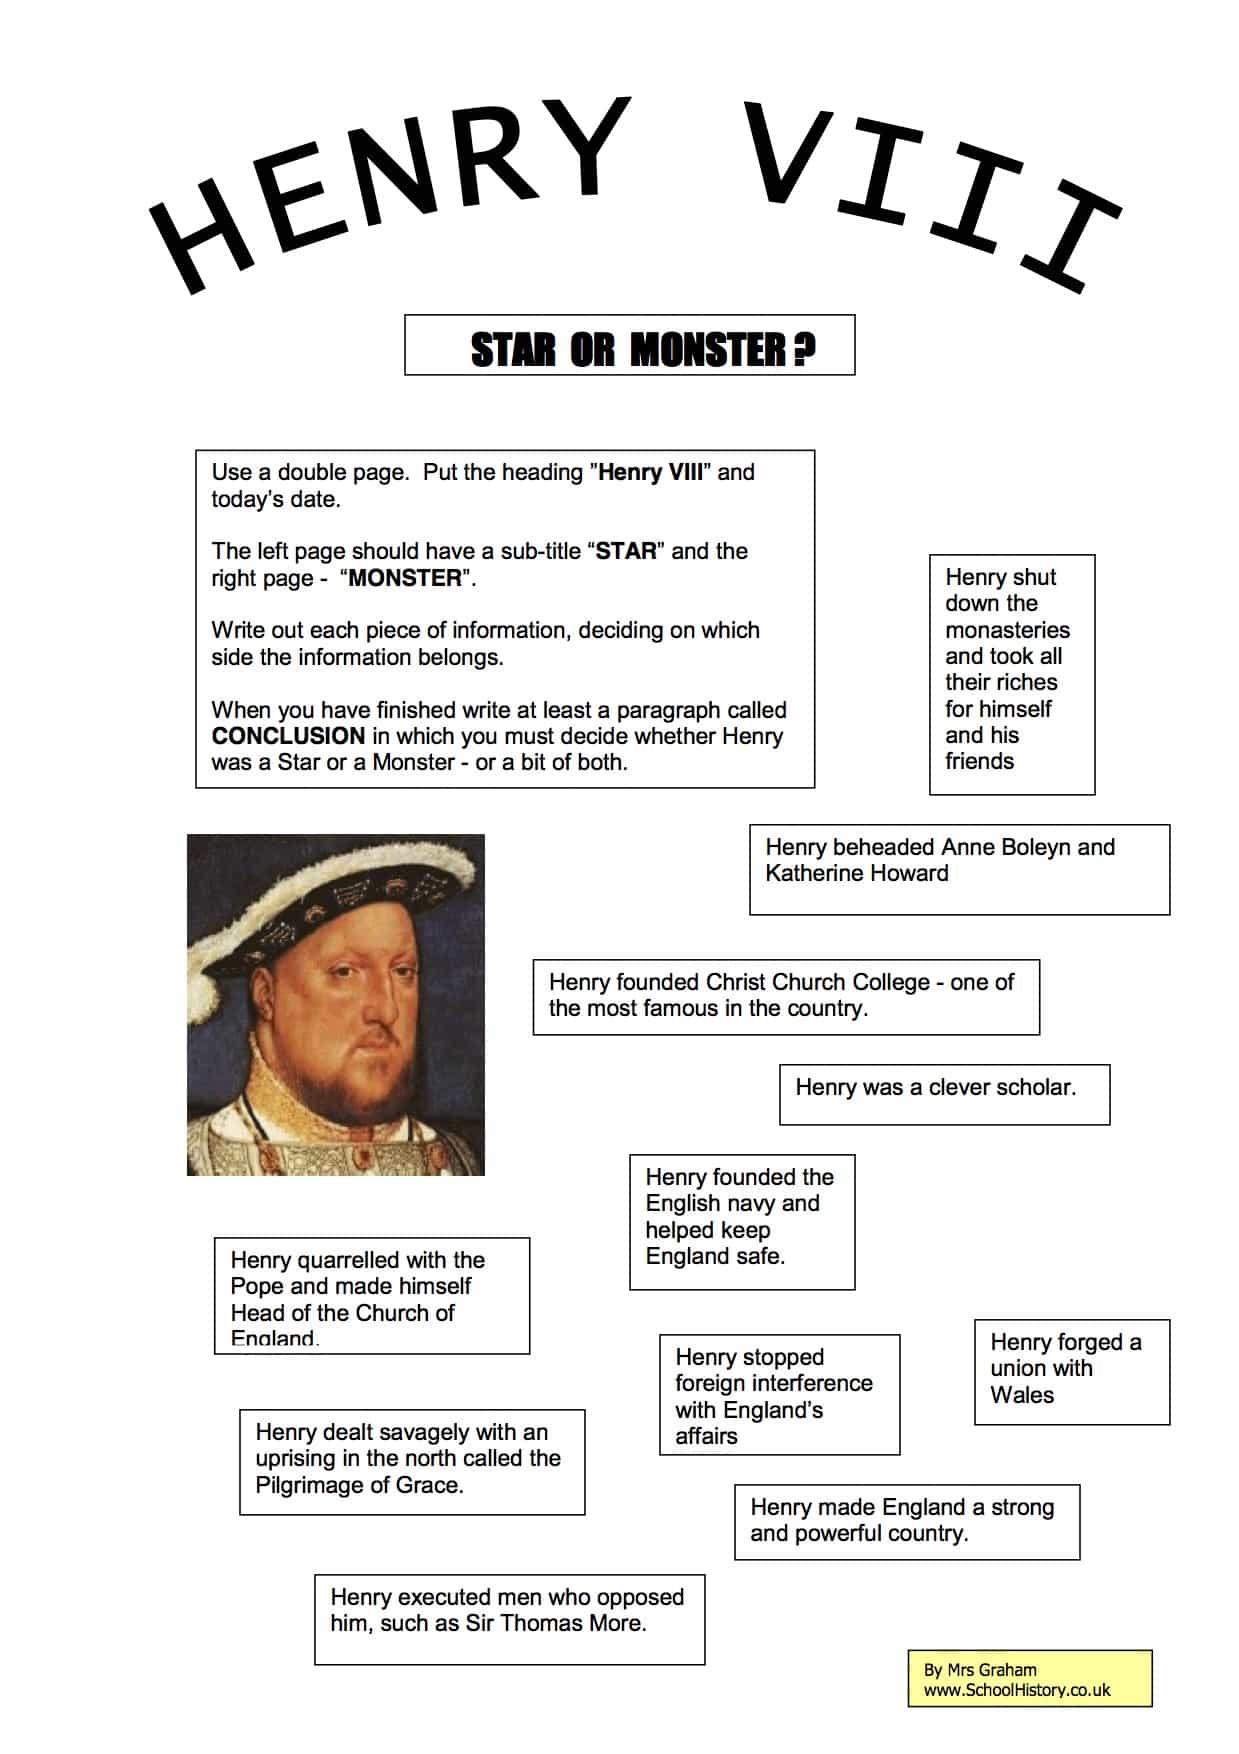 Henry Viii Star Or Monster Worksheet